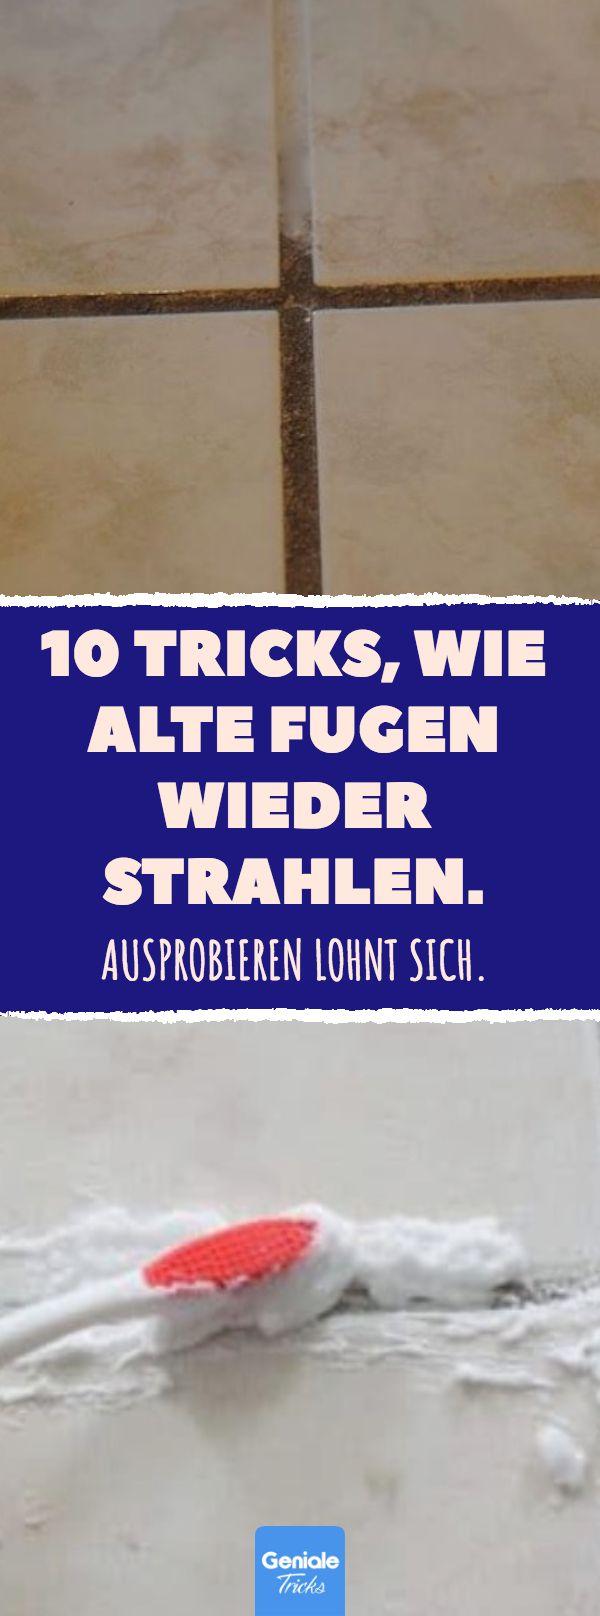 10 Tricks, wie alte Fugen wieder strahlen. #bad #f…